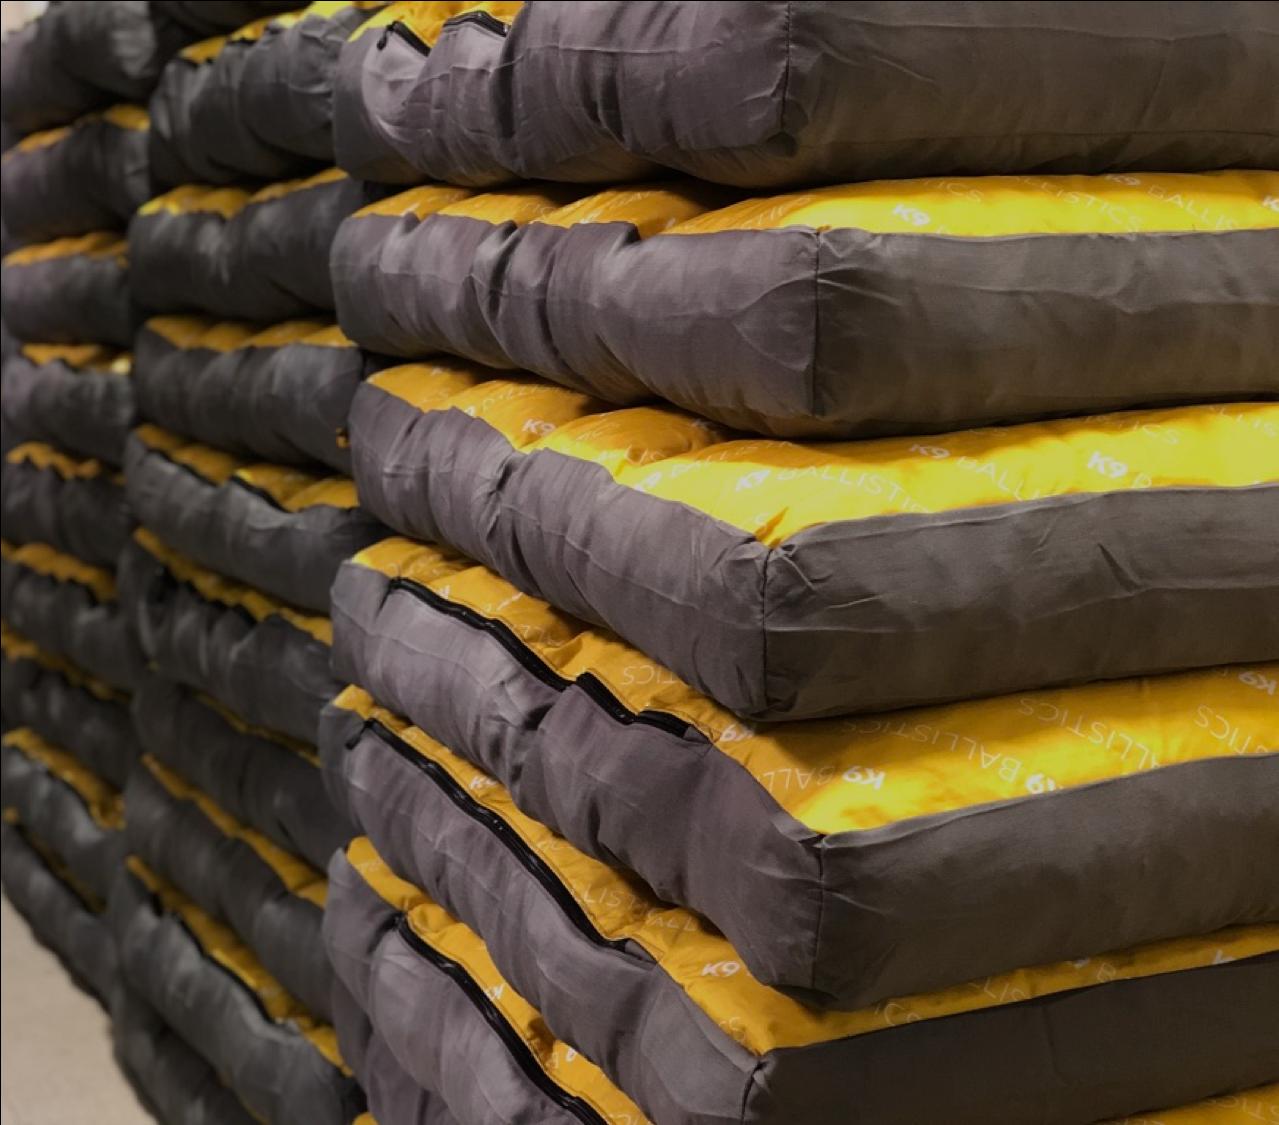 K9 Ballistics Ballistic Core Nesting Mattresses